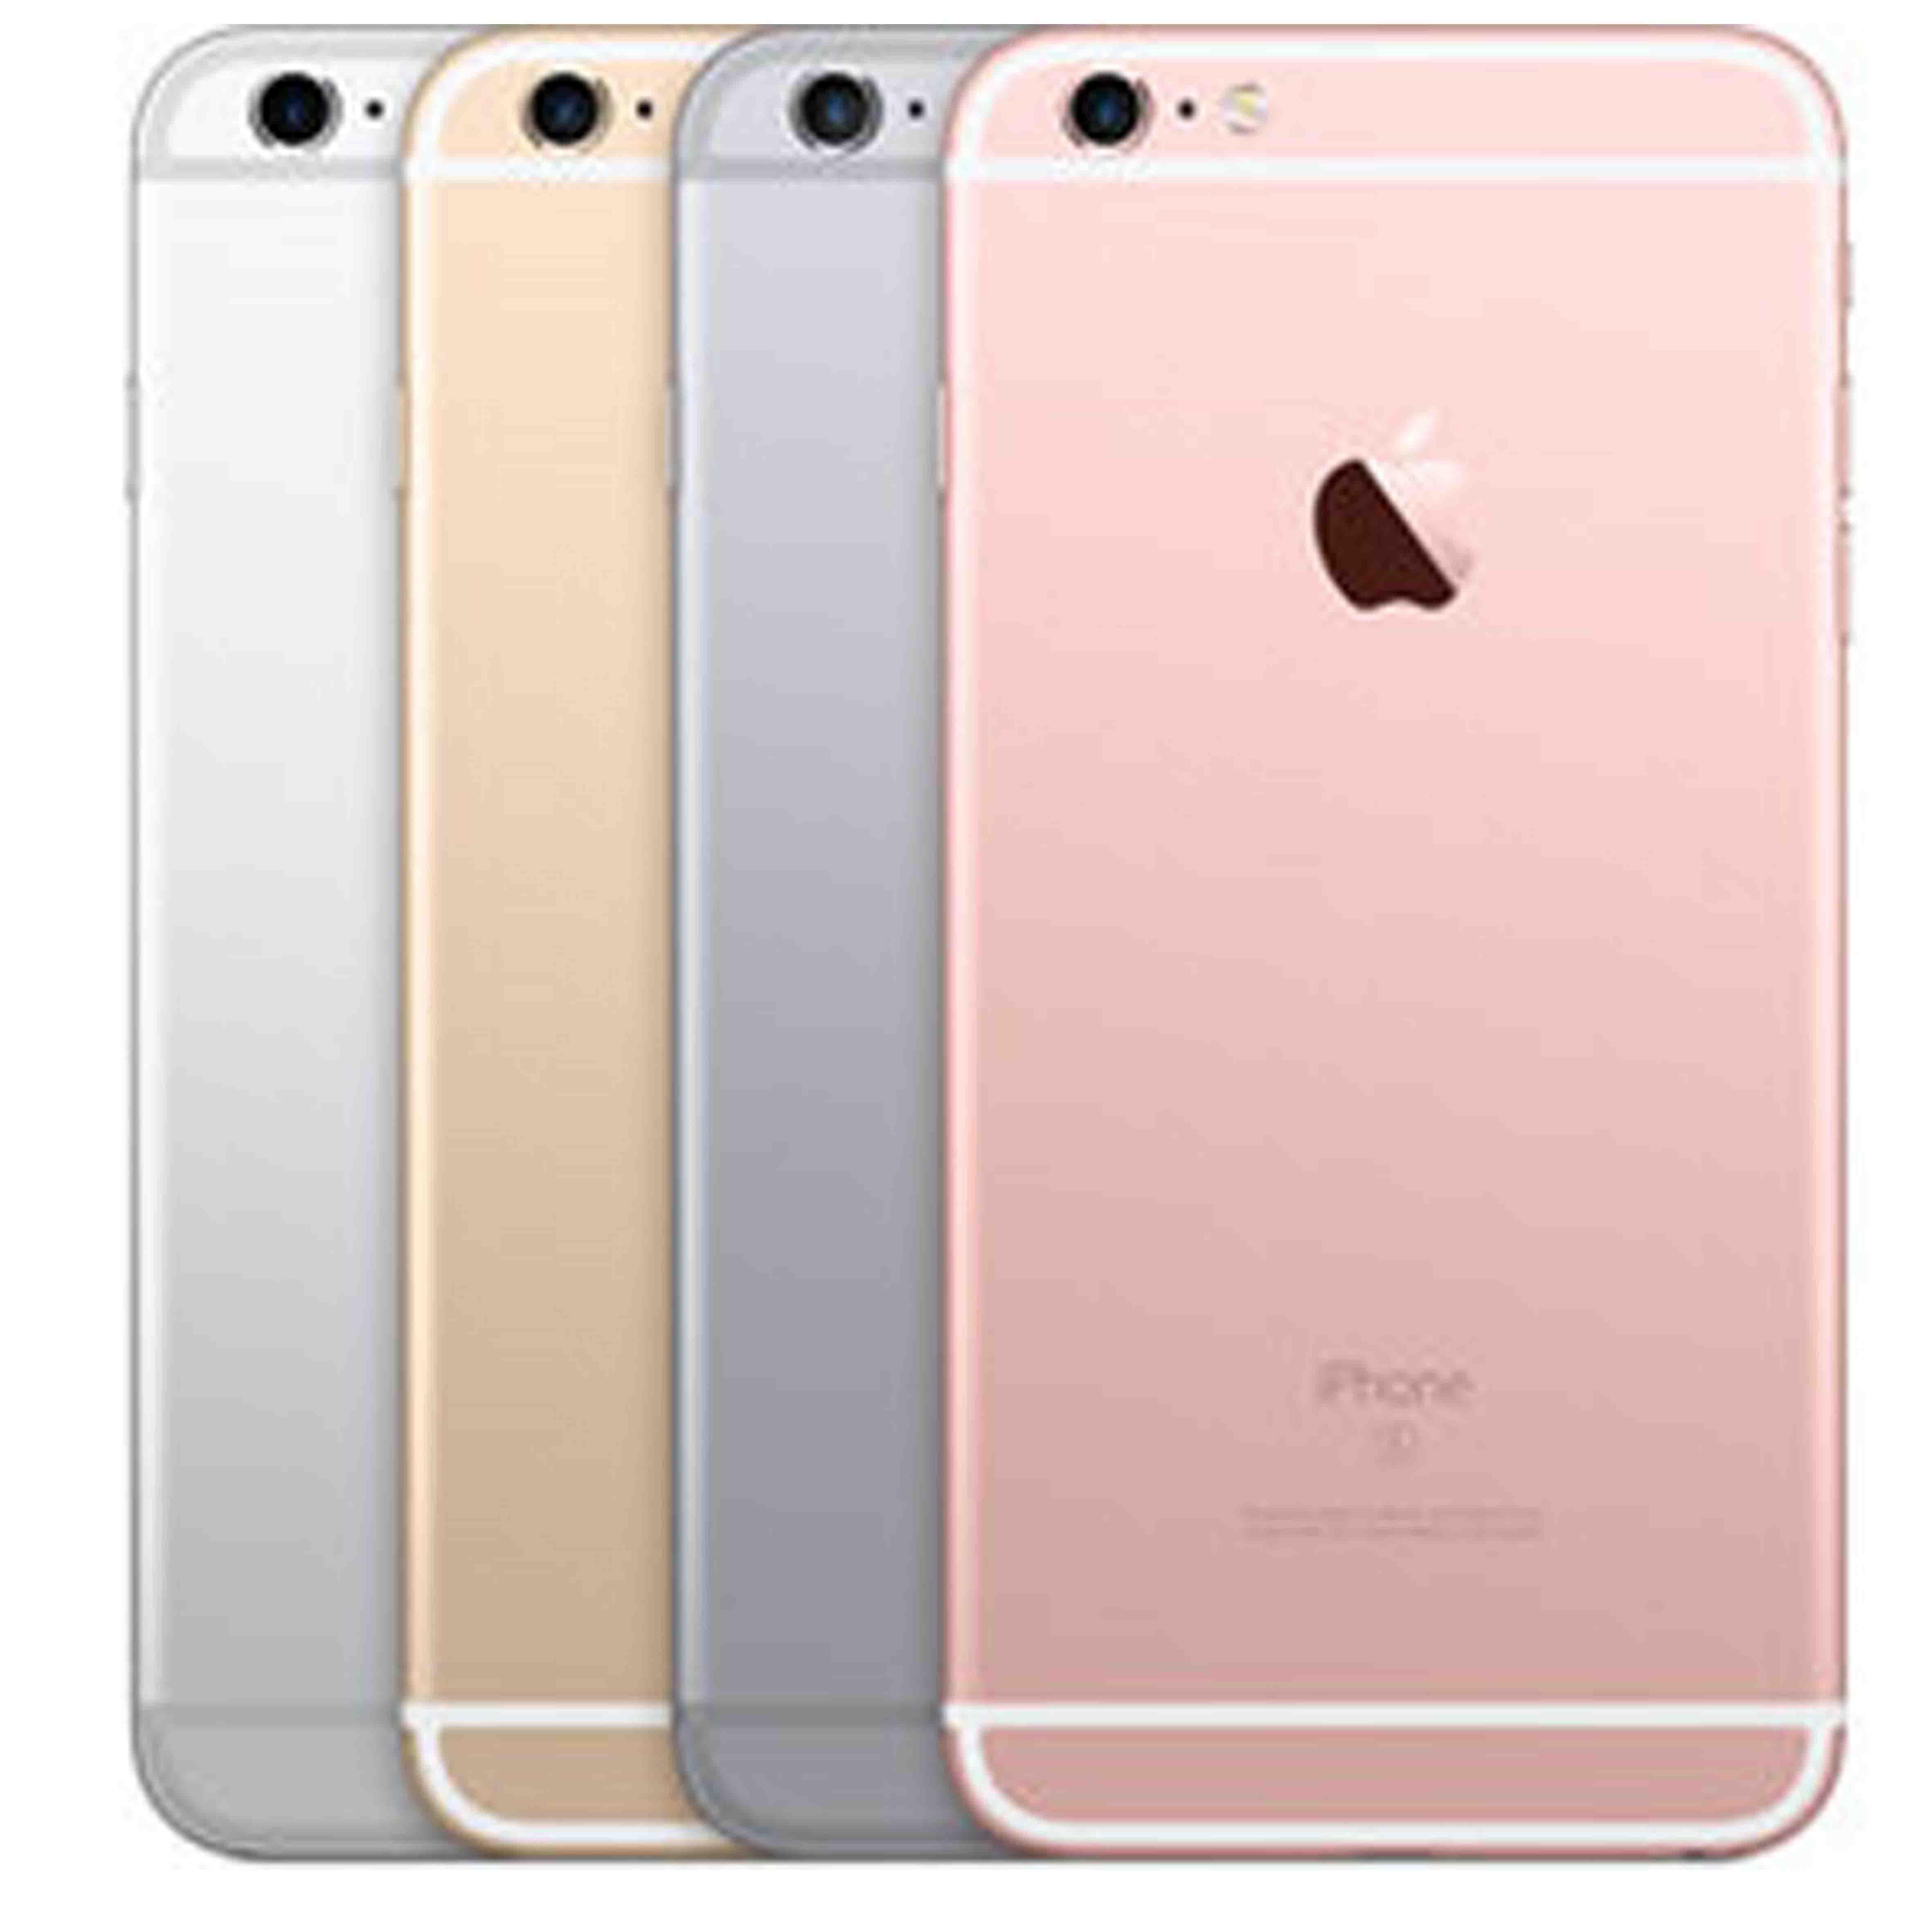 Apple iPhone 6S/I6S 4.7吋 全新 DEMO機 黑屏/彩屏 展示機 樣品機 模型機 不能撥打拆卸 包模 貼鑽 練習機 開店用展示機/TIS購物館